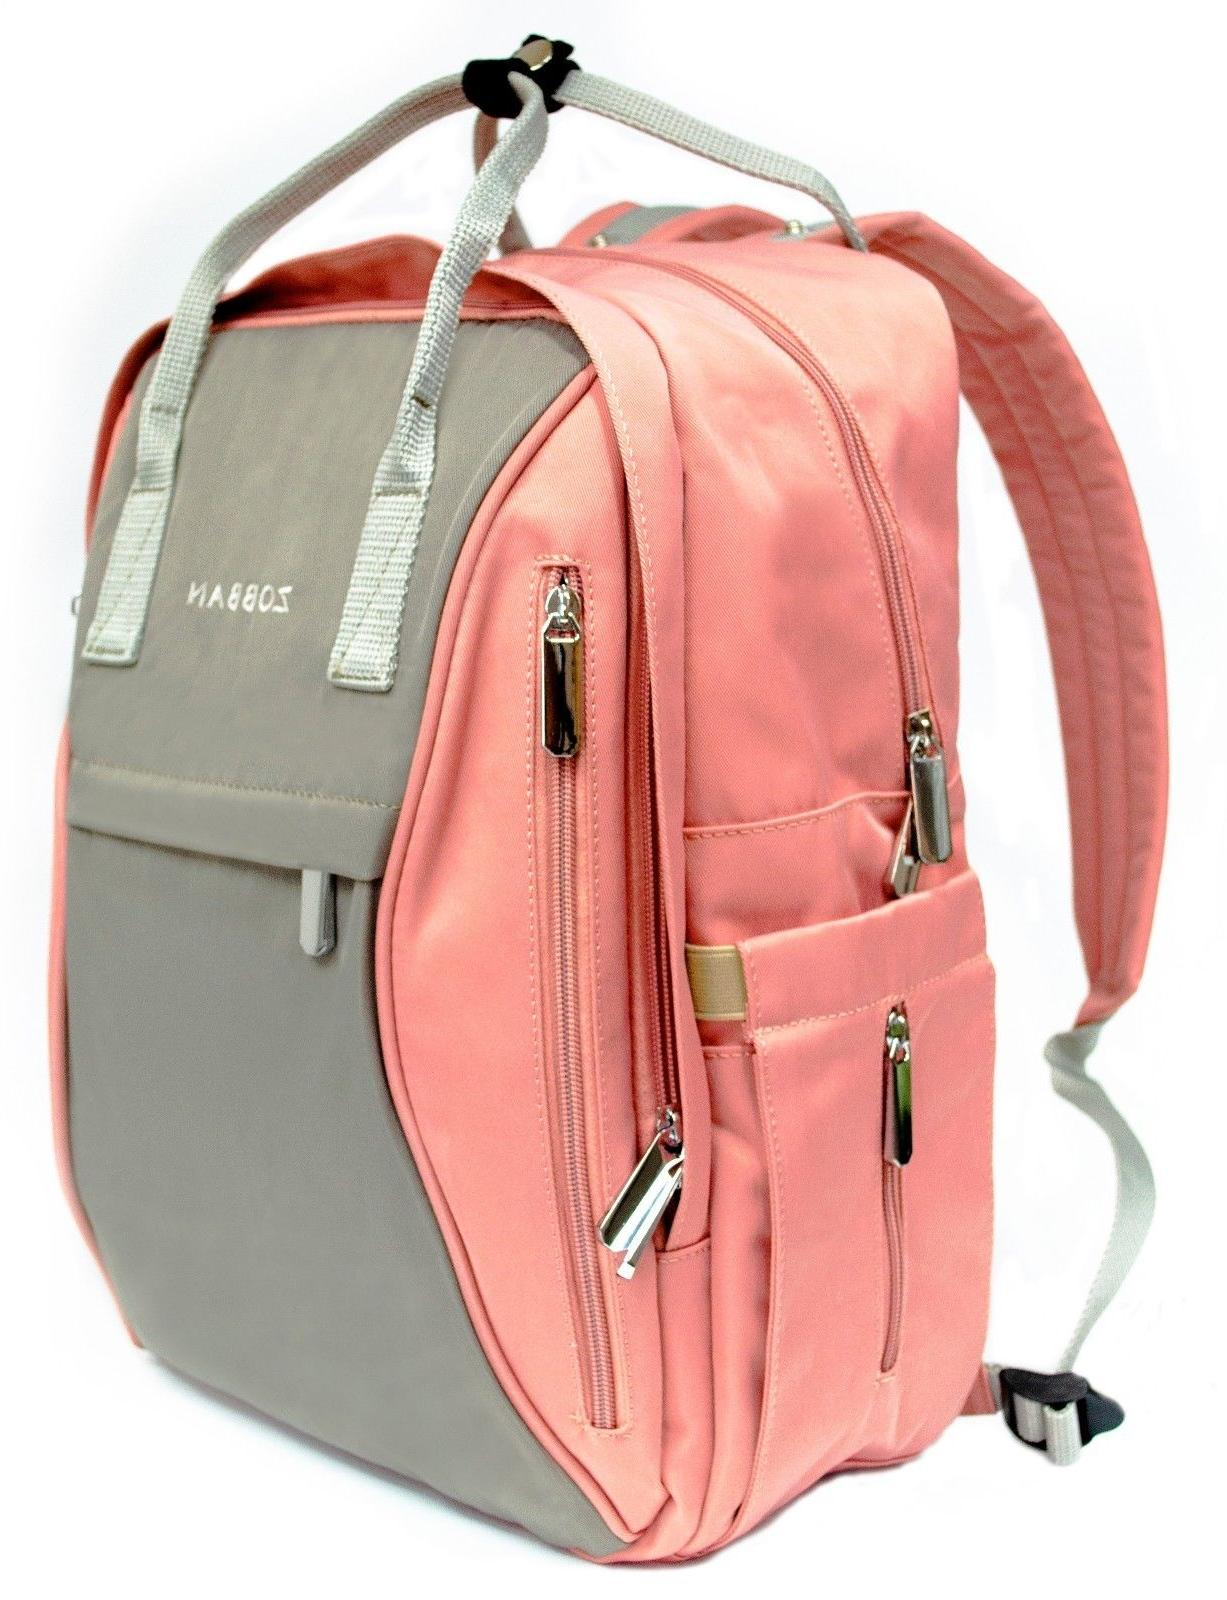 baby diaper backpack multifunction waterproof bag changing